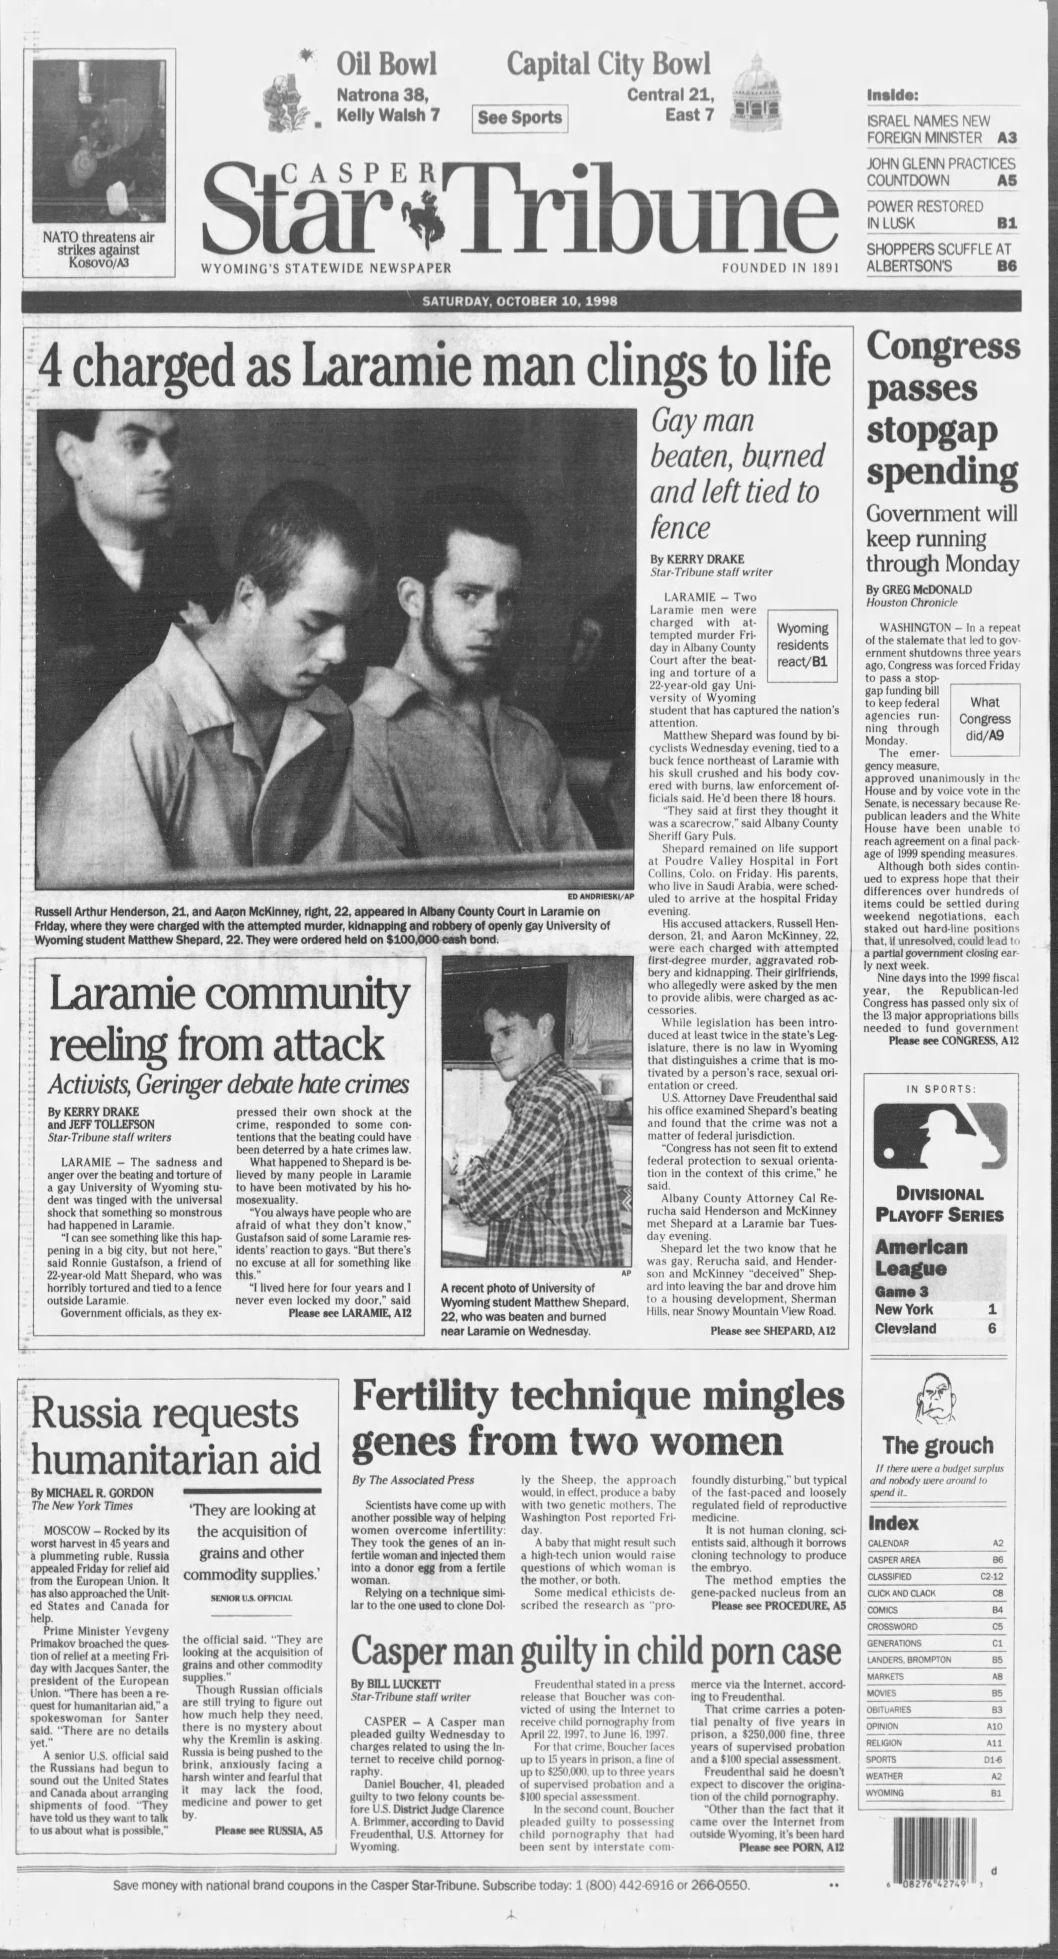 Oct. 10, 1998